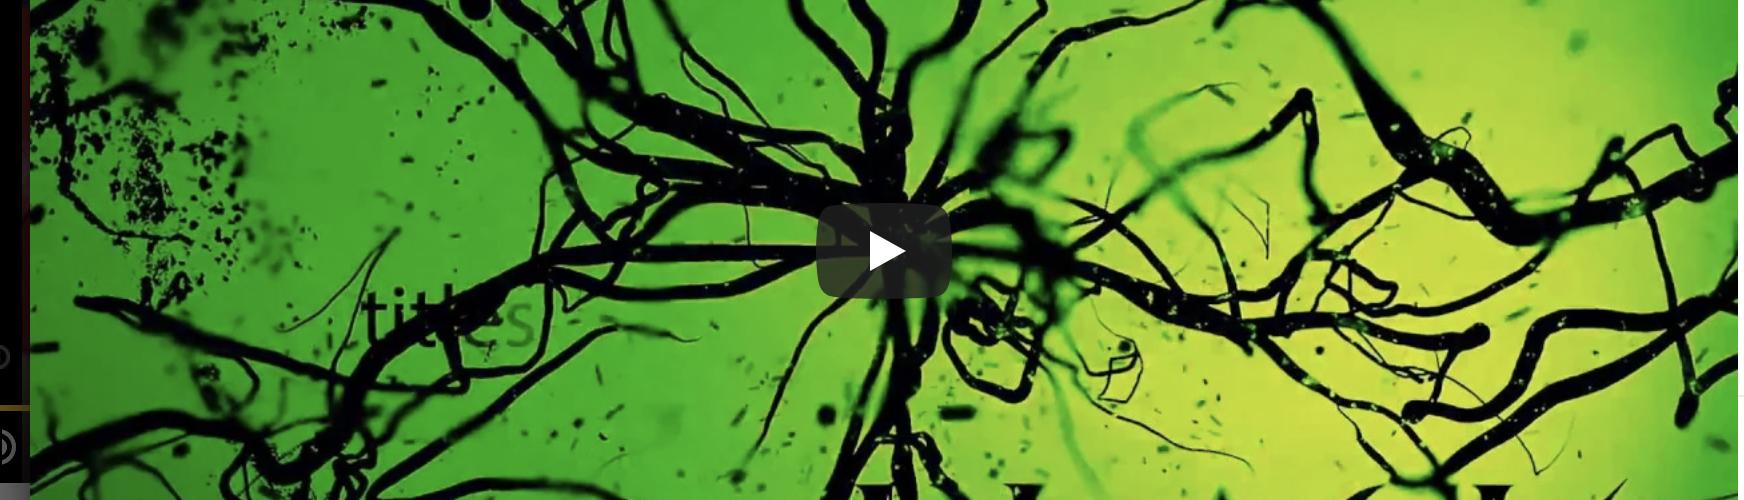 """Symphony X-Gitarrist Michael Romeo veröffentlicht erstes Soloalbum – """"War of the Worlds / Pt. 1"""" erscheint am 27. Juli!"""